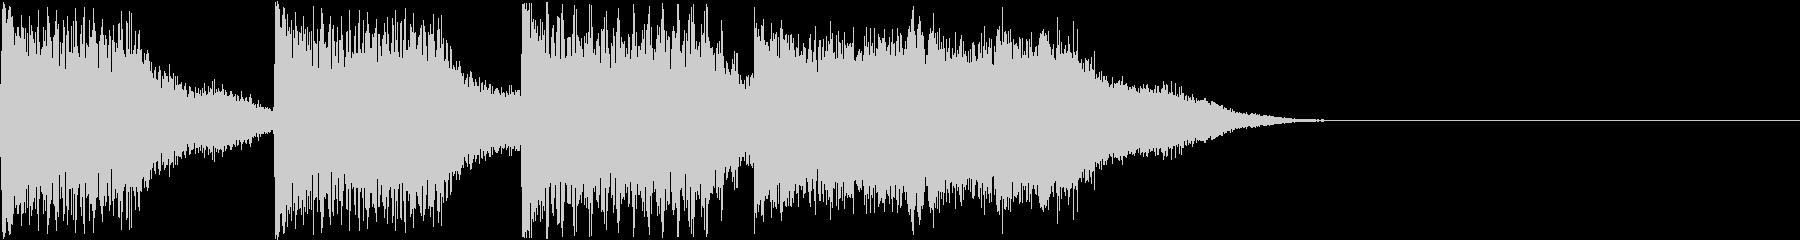 AI メカ/ロボ/マシン動作音 25の未再生の波形